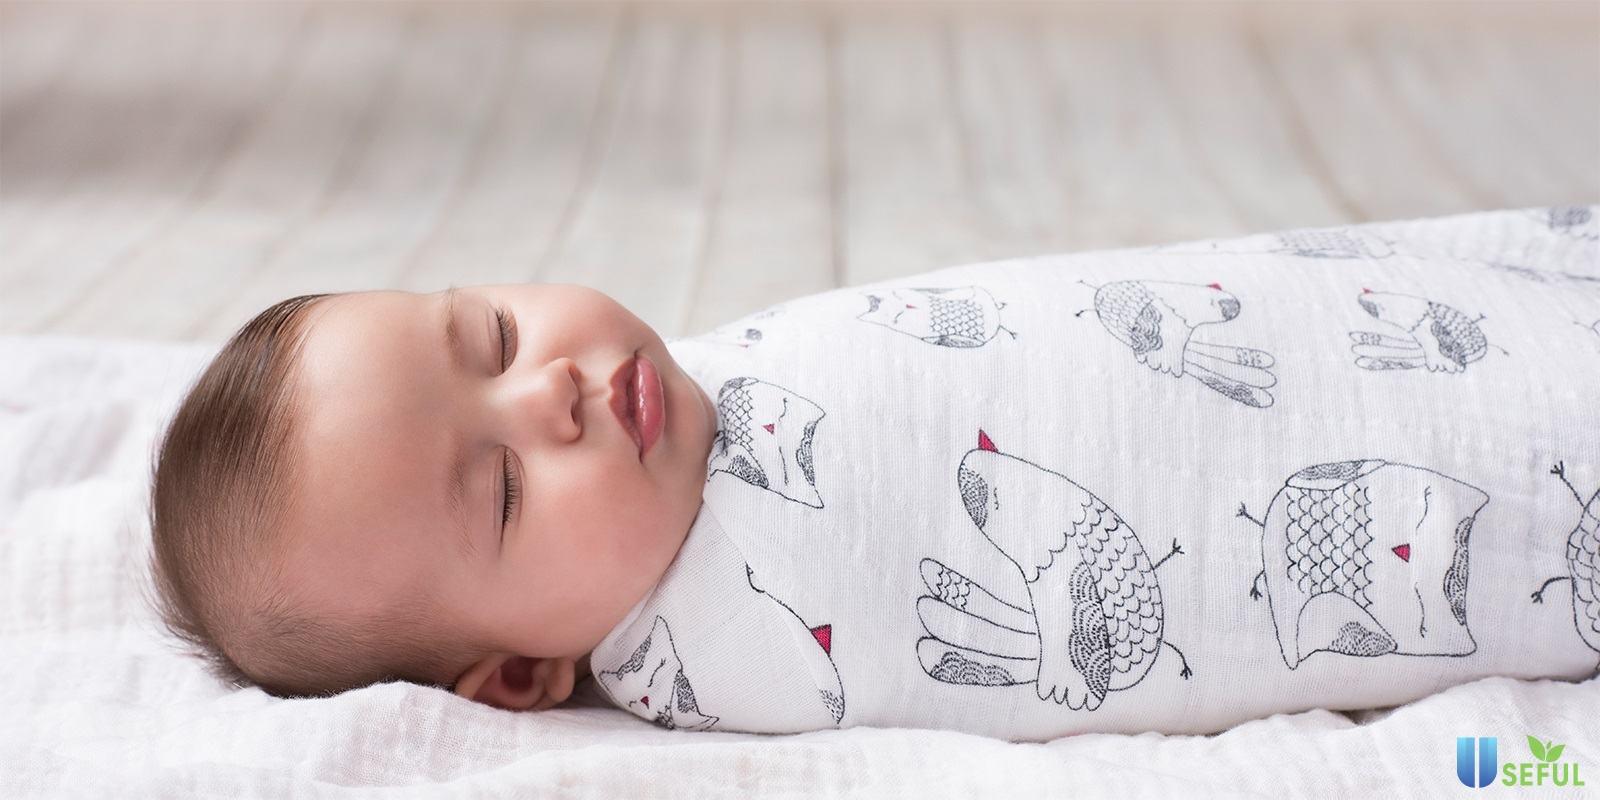 Sử dụng khăn choàng sau khi tắm để cơ thể bé nhanh khô, ủ ấm con tốt hơn